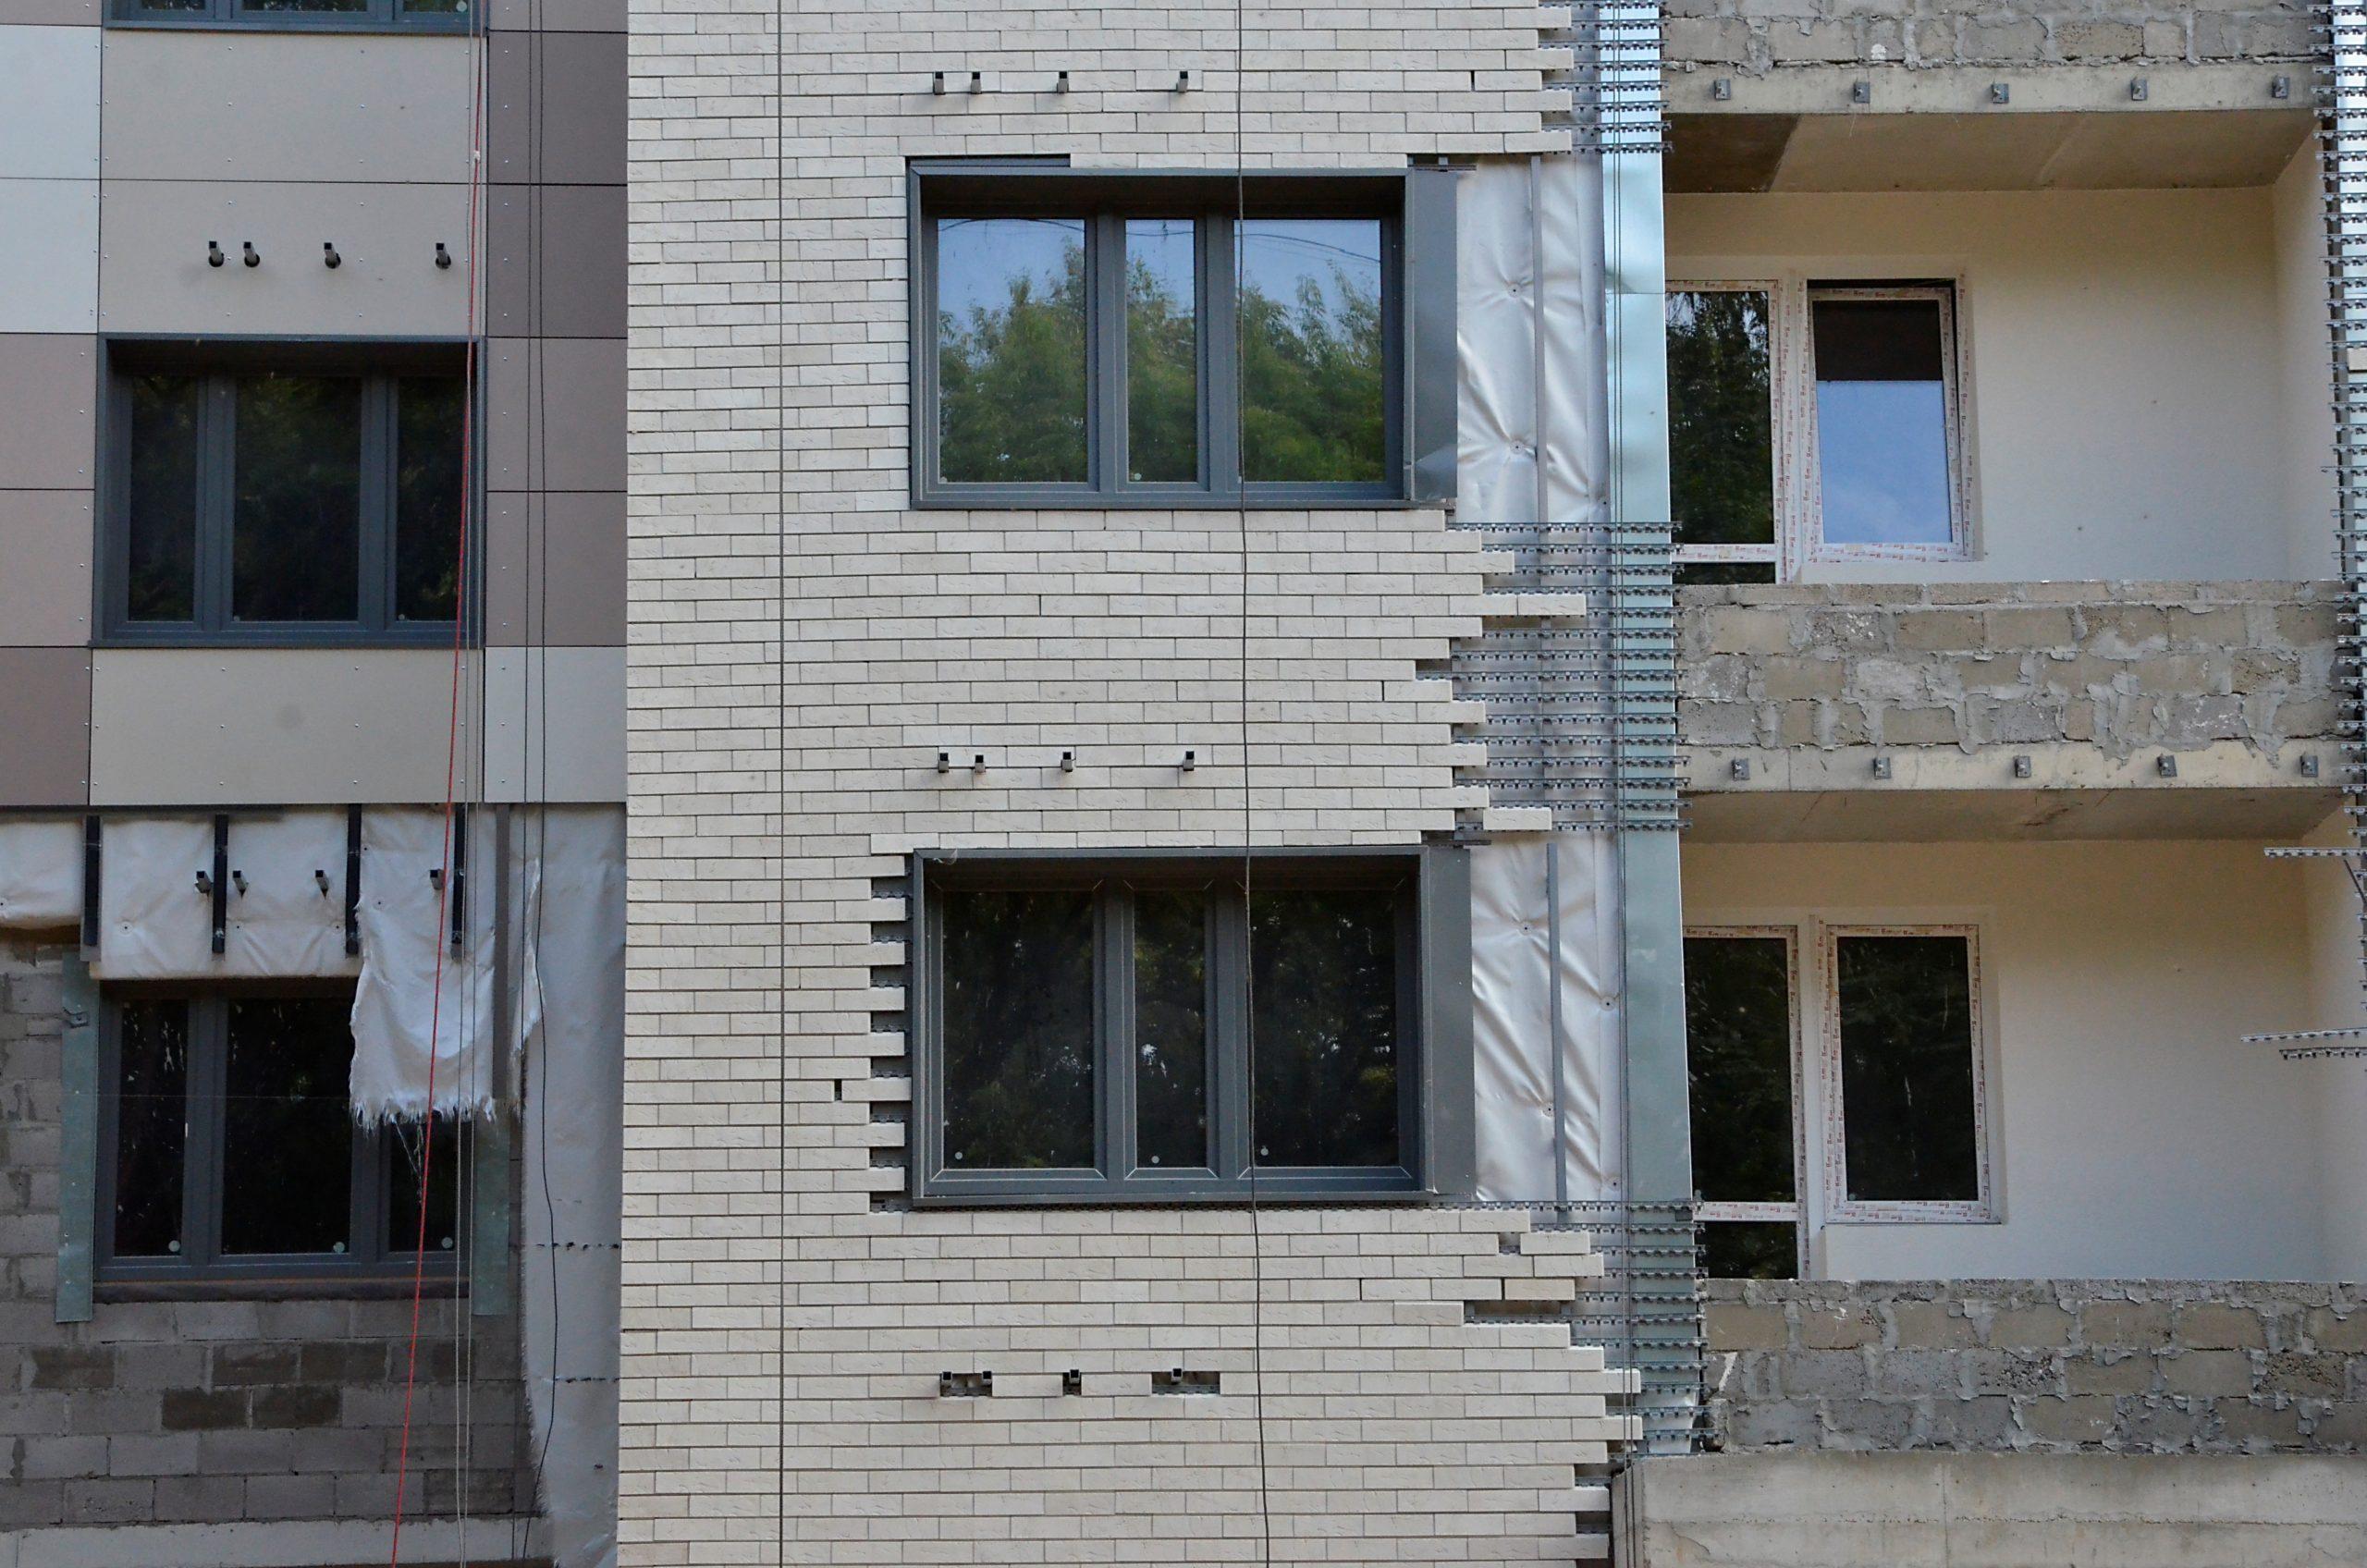 Город выставил на продажу четыре участка в Новой Москве под индивидуальное строительство